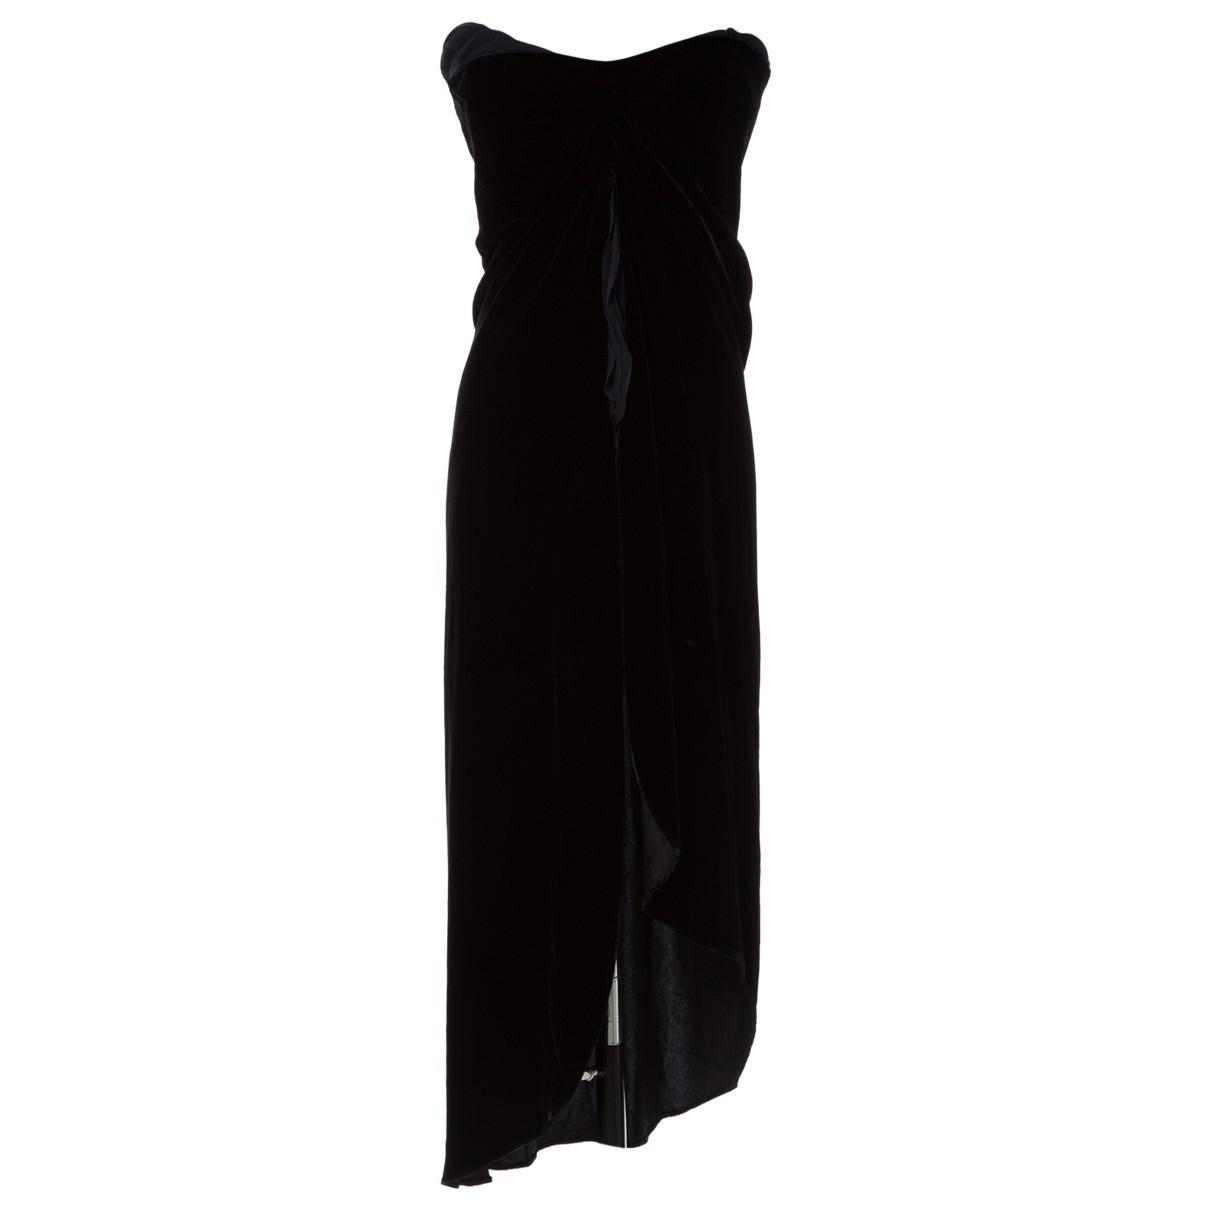 2af1a2d320 Lyst - Ralph Lauren Collection Black Velvet Dress in Black